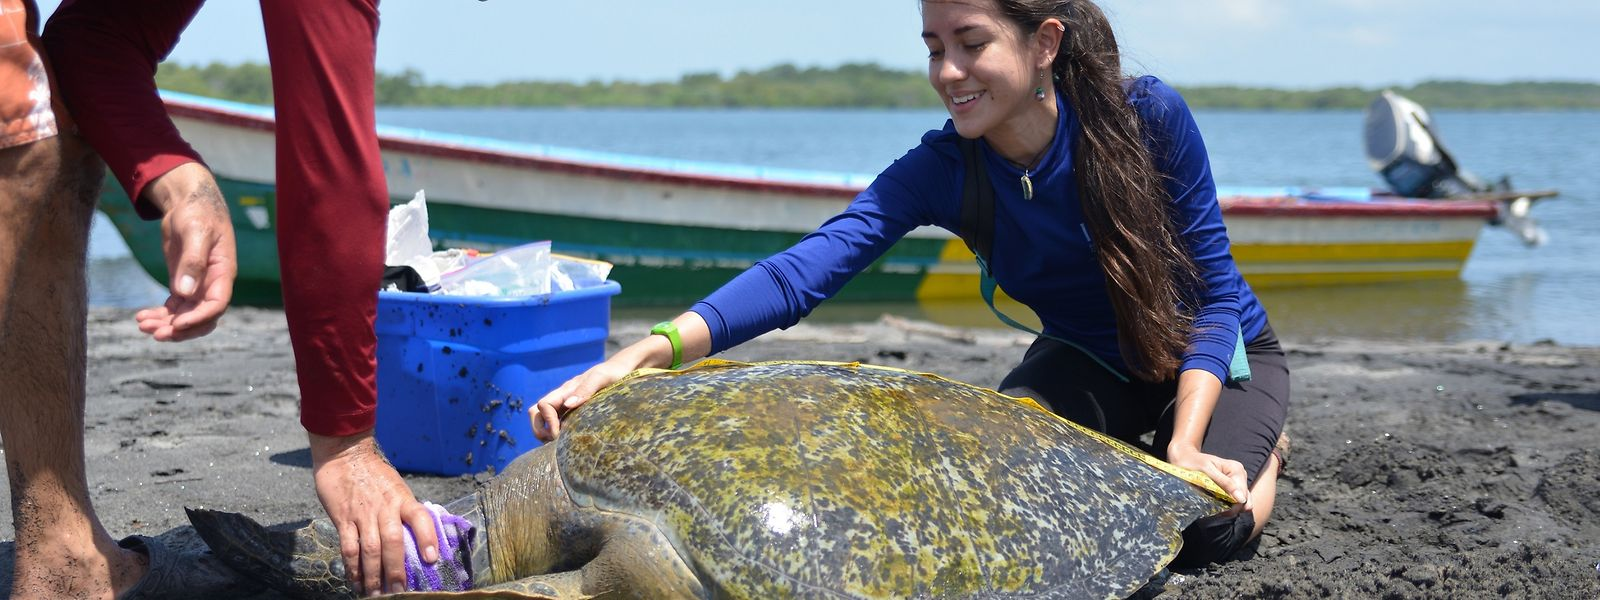 Melissa Valle und Aldo Sánchez untersuchen eine zuvor gefangene Schildkröte; Touristen können sie auf ihren Touren begleiten.